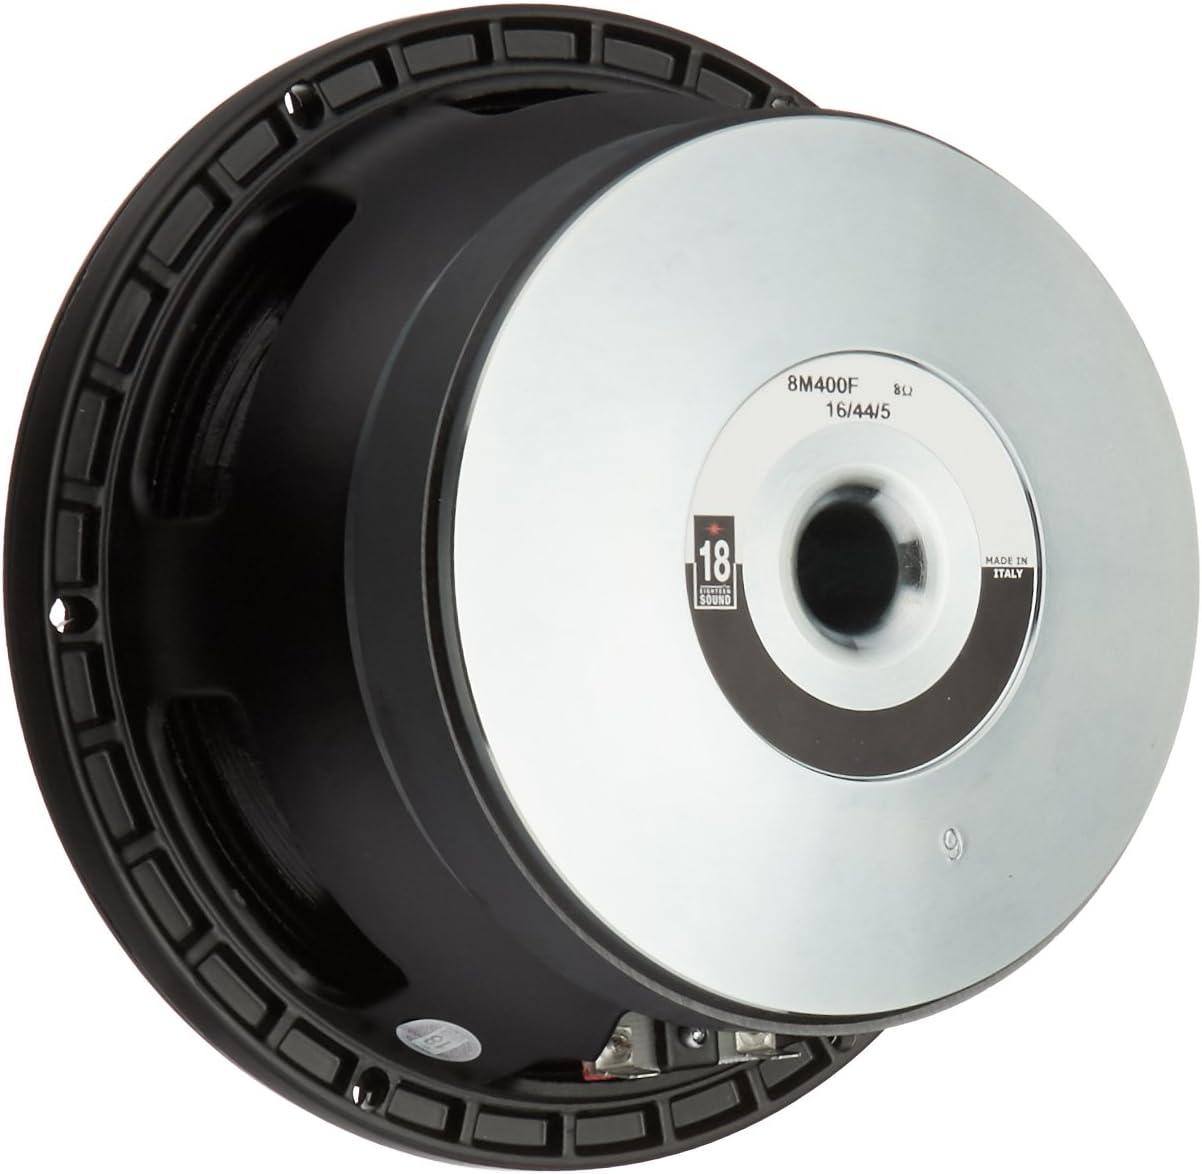 18 Sound 8M400 8 Woofer//250W//8OHMS Set of 1